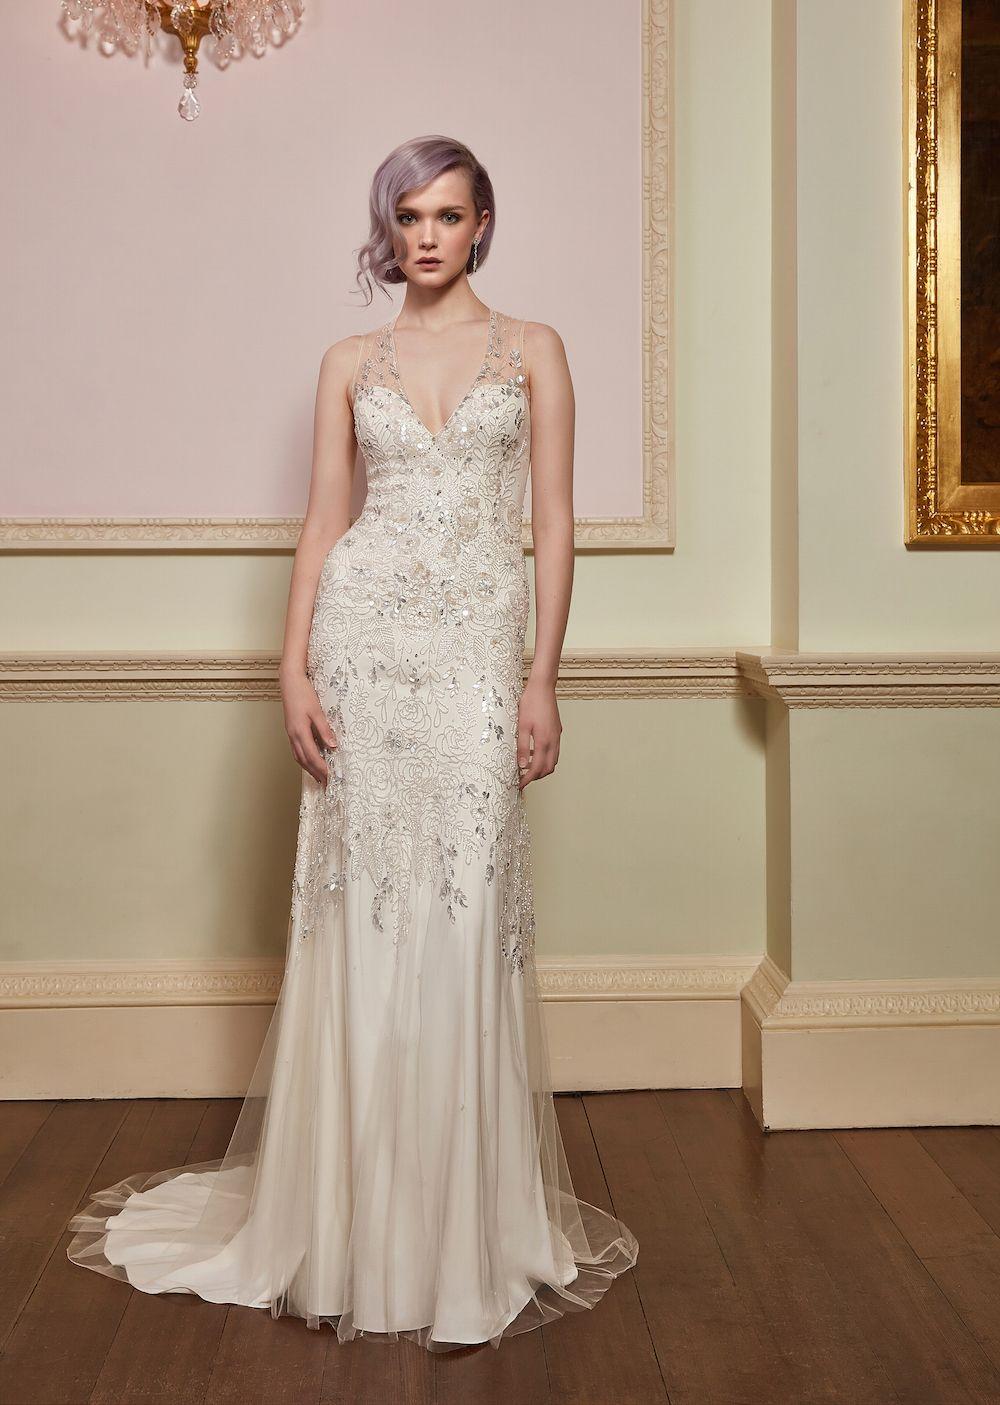 Jenny Packham Kollektion 2018 ~ neue Brautkleider mit modernem ...